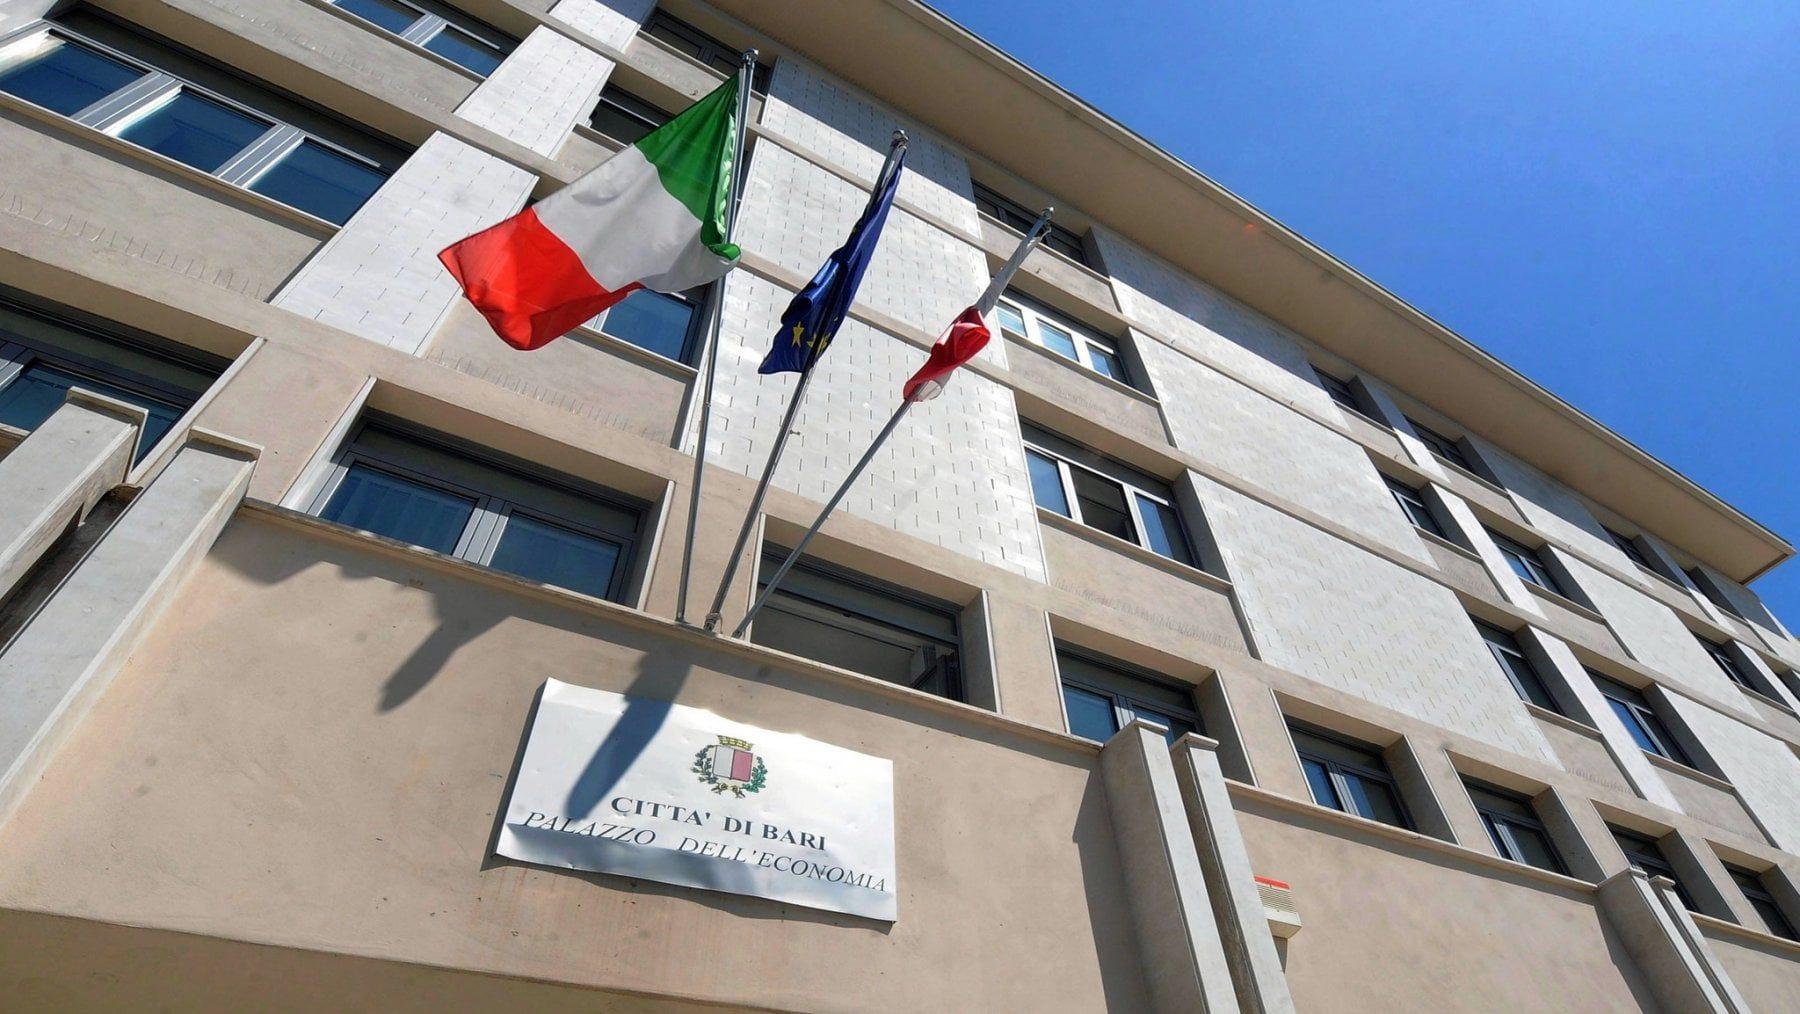 Carbonara Di Bari Storia bari, suore condannate a pagare l'ici: devono 1,3 milioni di